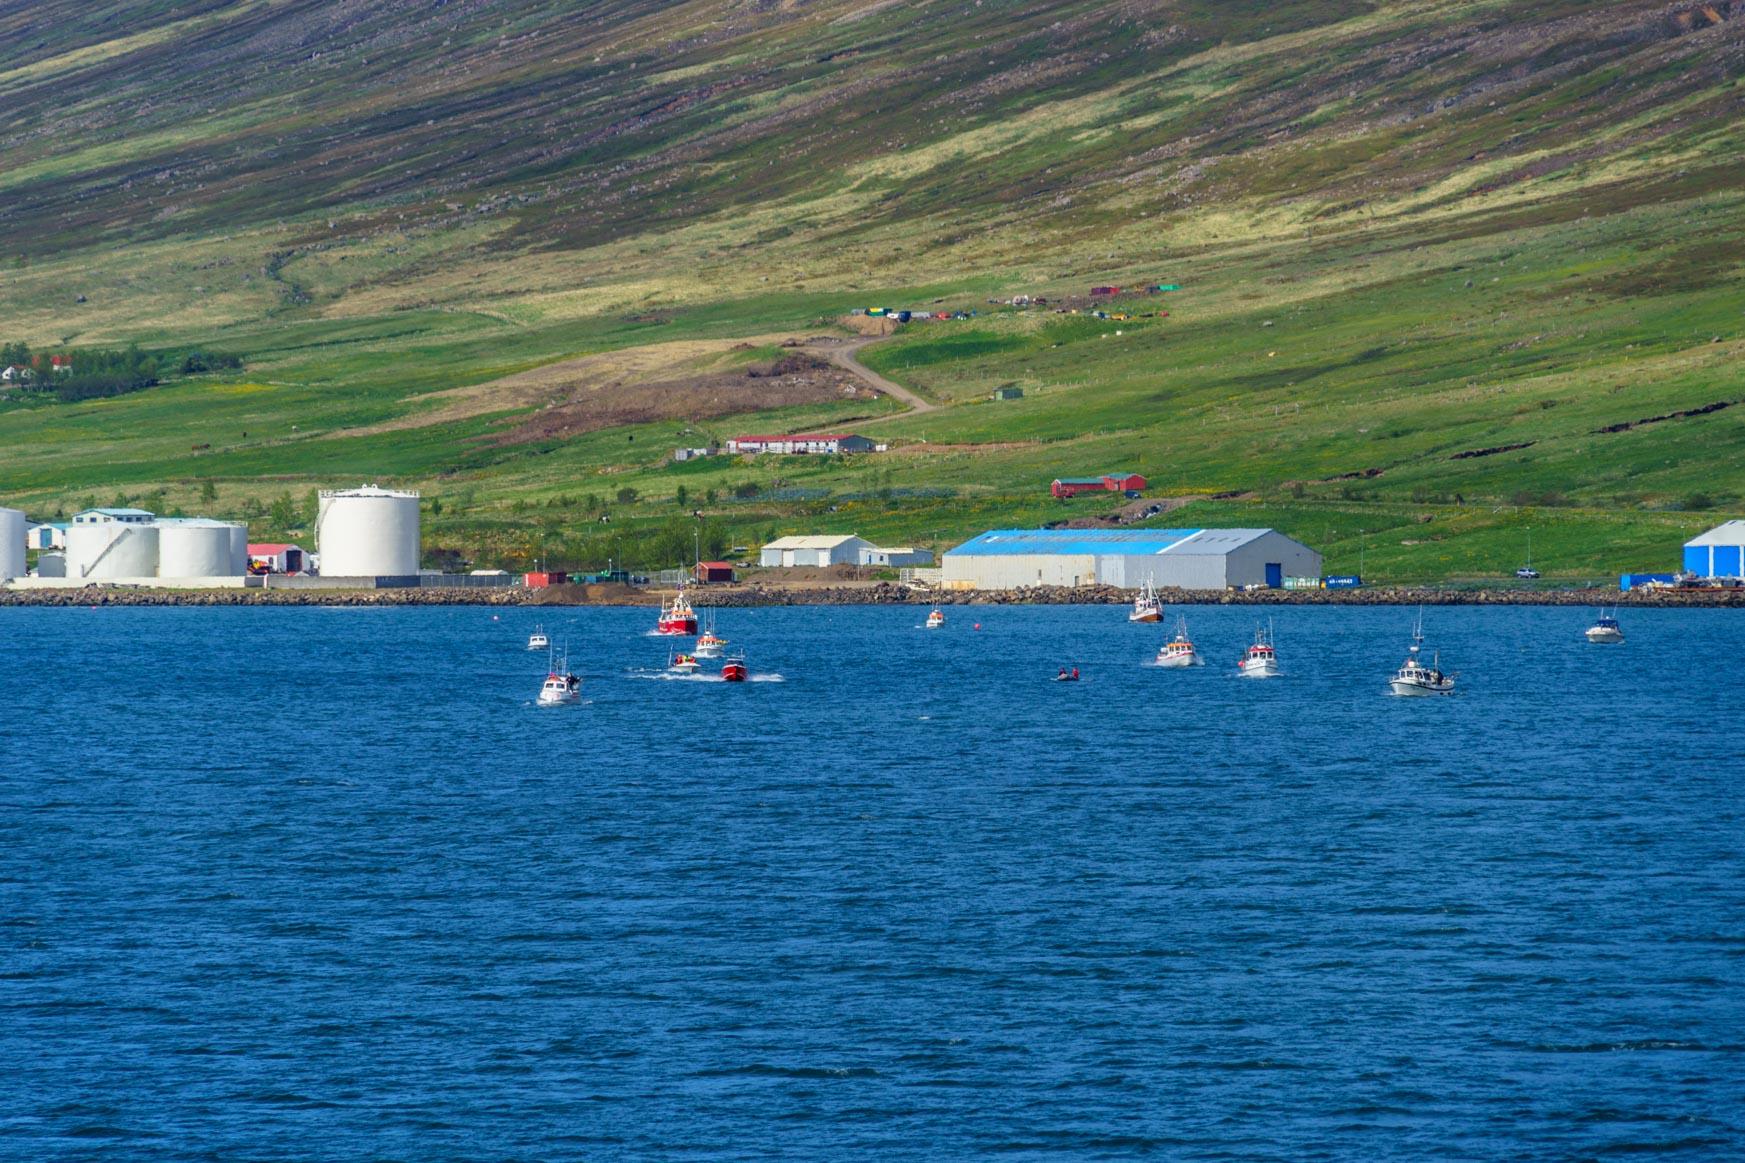 Auch die kleinen Fischerboote sind dabei